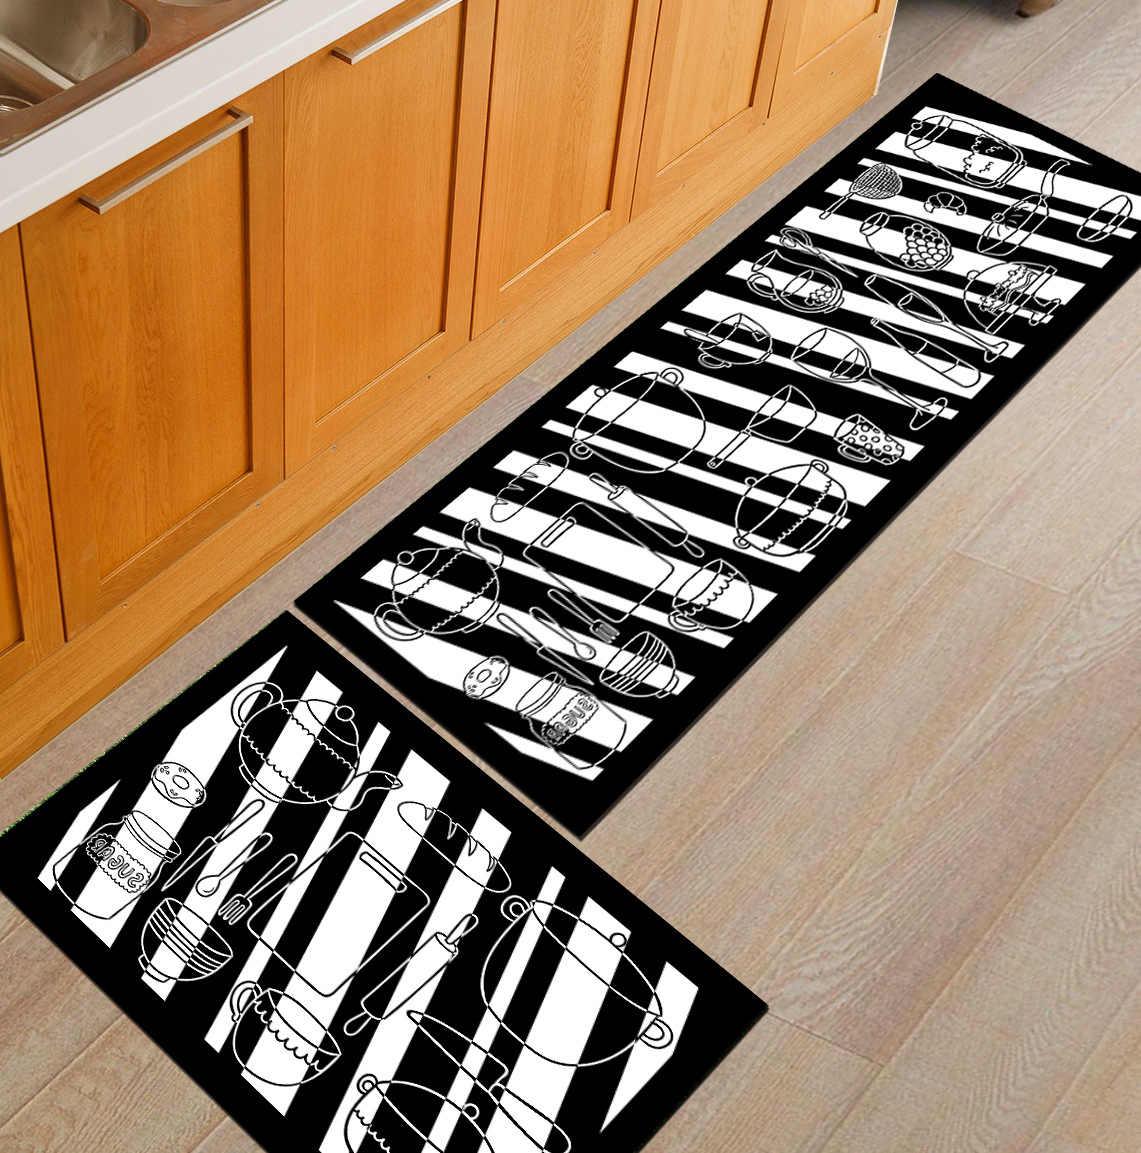 สี่เหลี่ยมผืนผ้าครัวพรมพรมสำหรับห้องนั่งเล่นเสื่อประตูห้องครัวชั้น Mats ห้องนอนพรมเด็กข้างเตียง